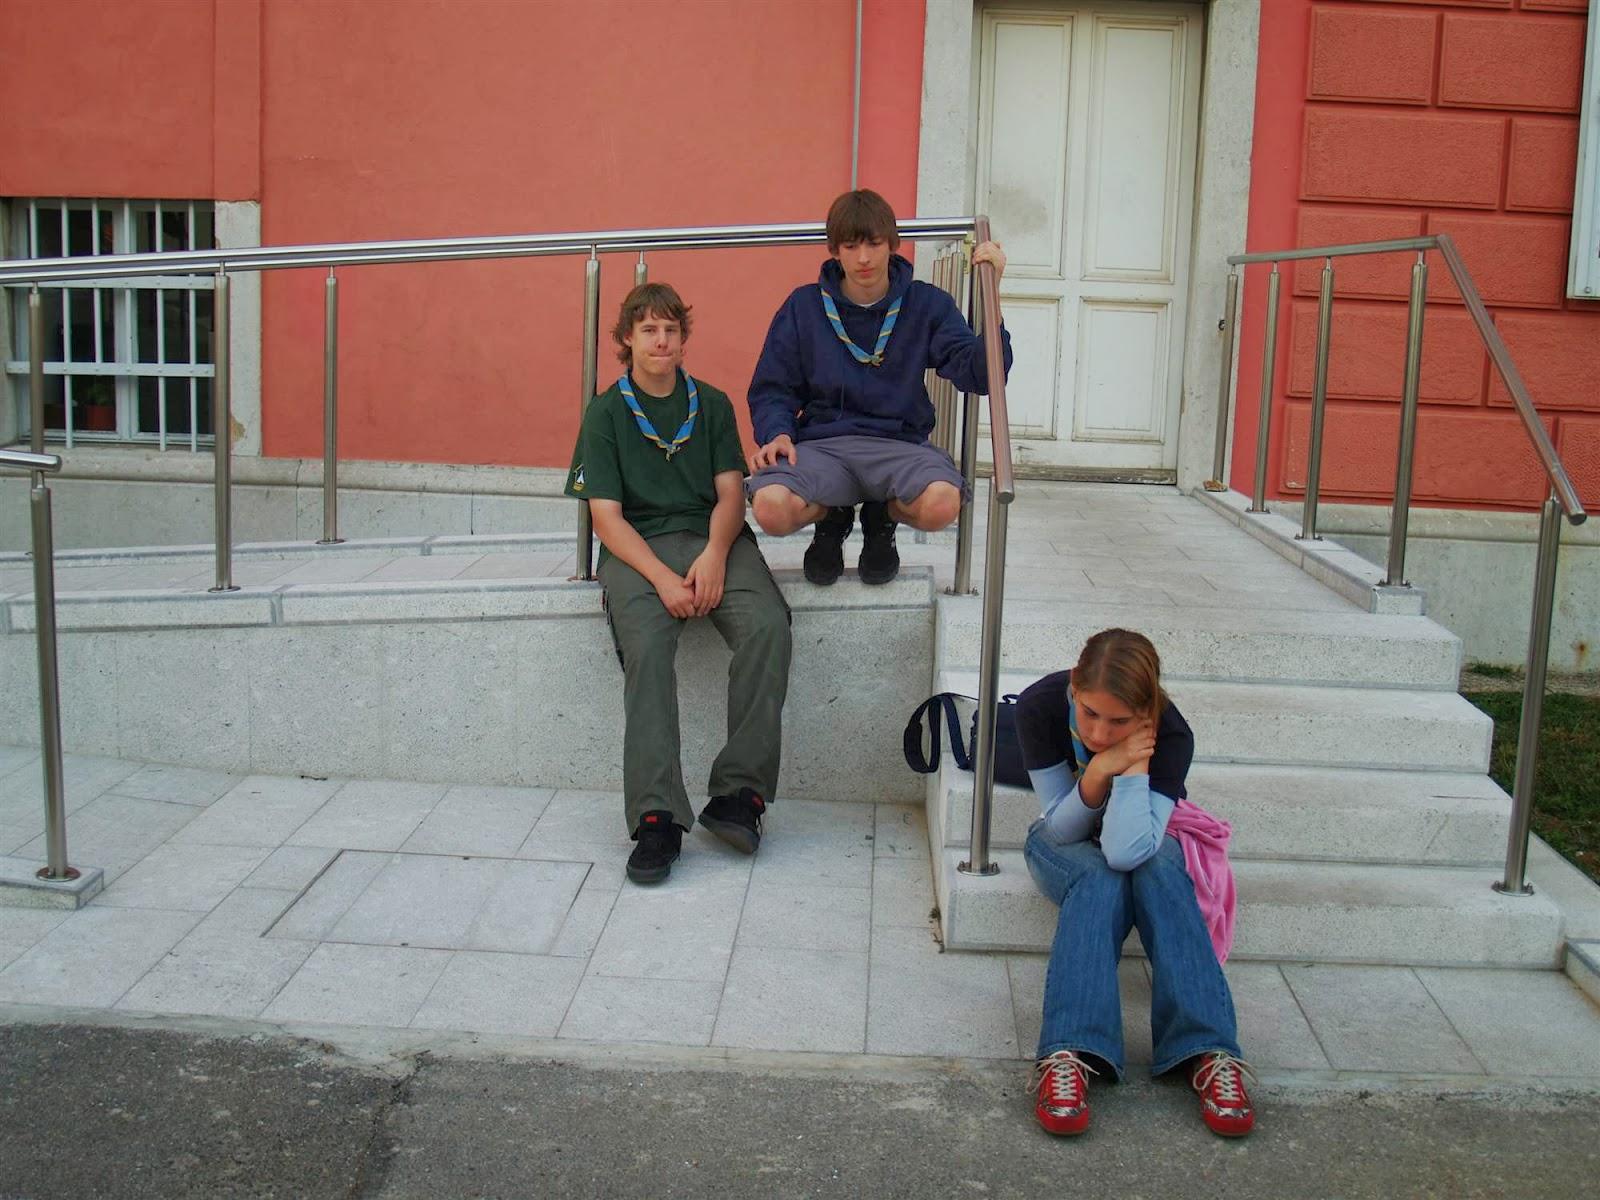 Področni mnogoboj, Sežana 2007 - P0197063.JPG